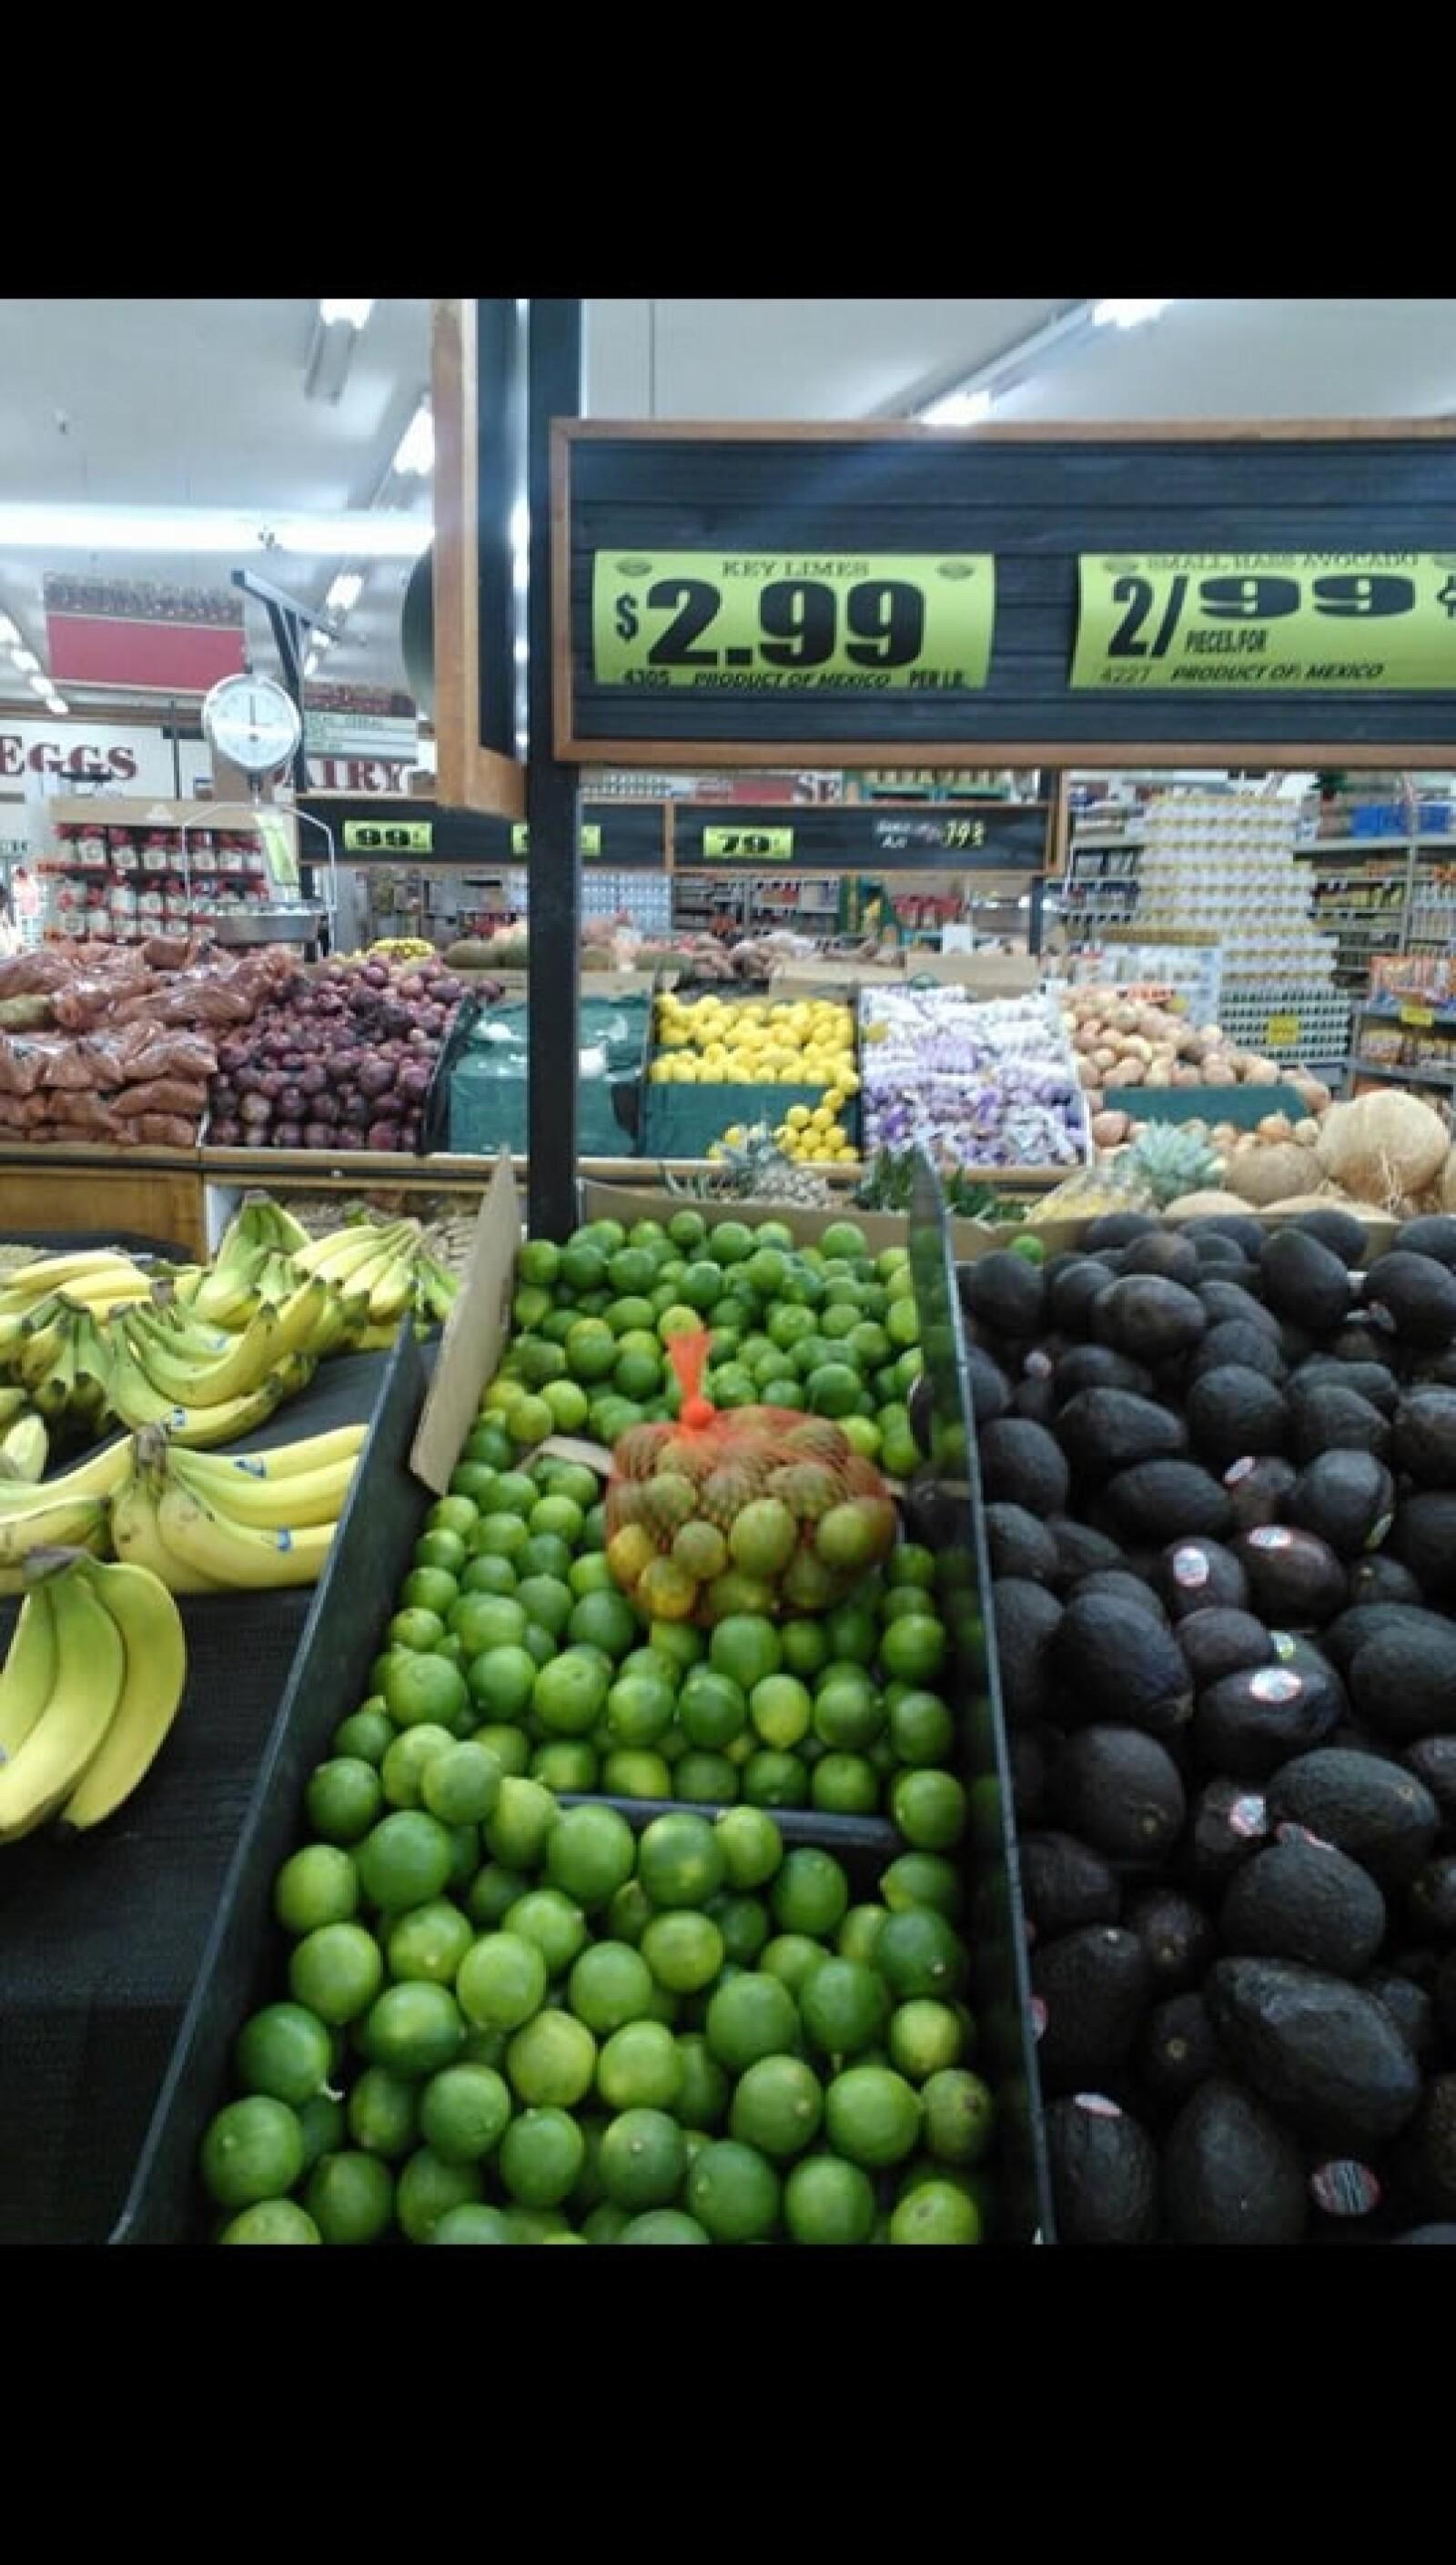 En Inglewood, en el área de Los Ángeles, los limones verdes cuestan 2.99 dólares por libra, algo similar a lo que costarían en los lugares más caros en México